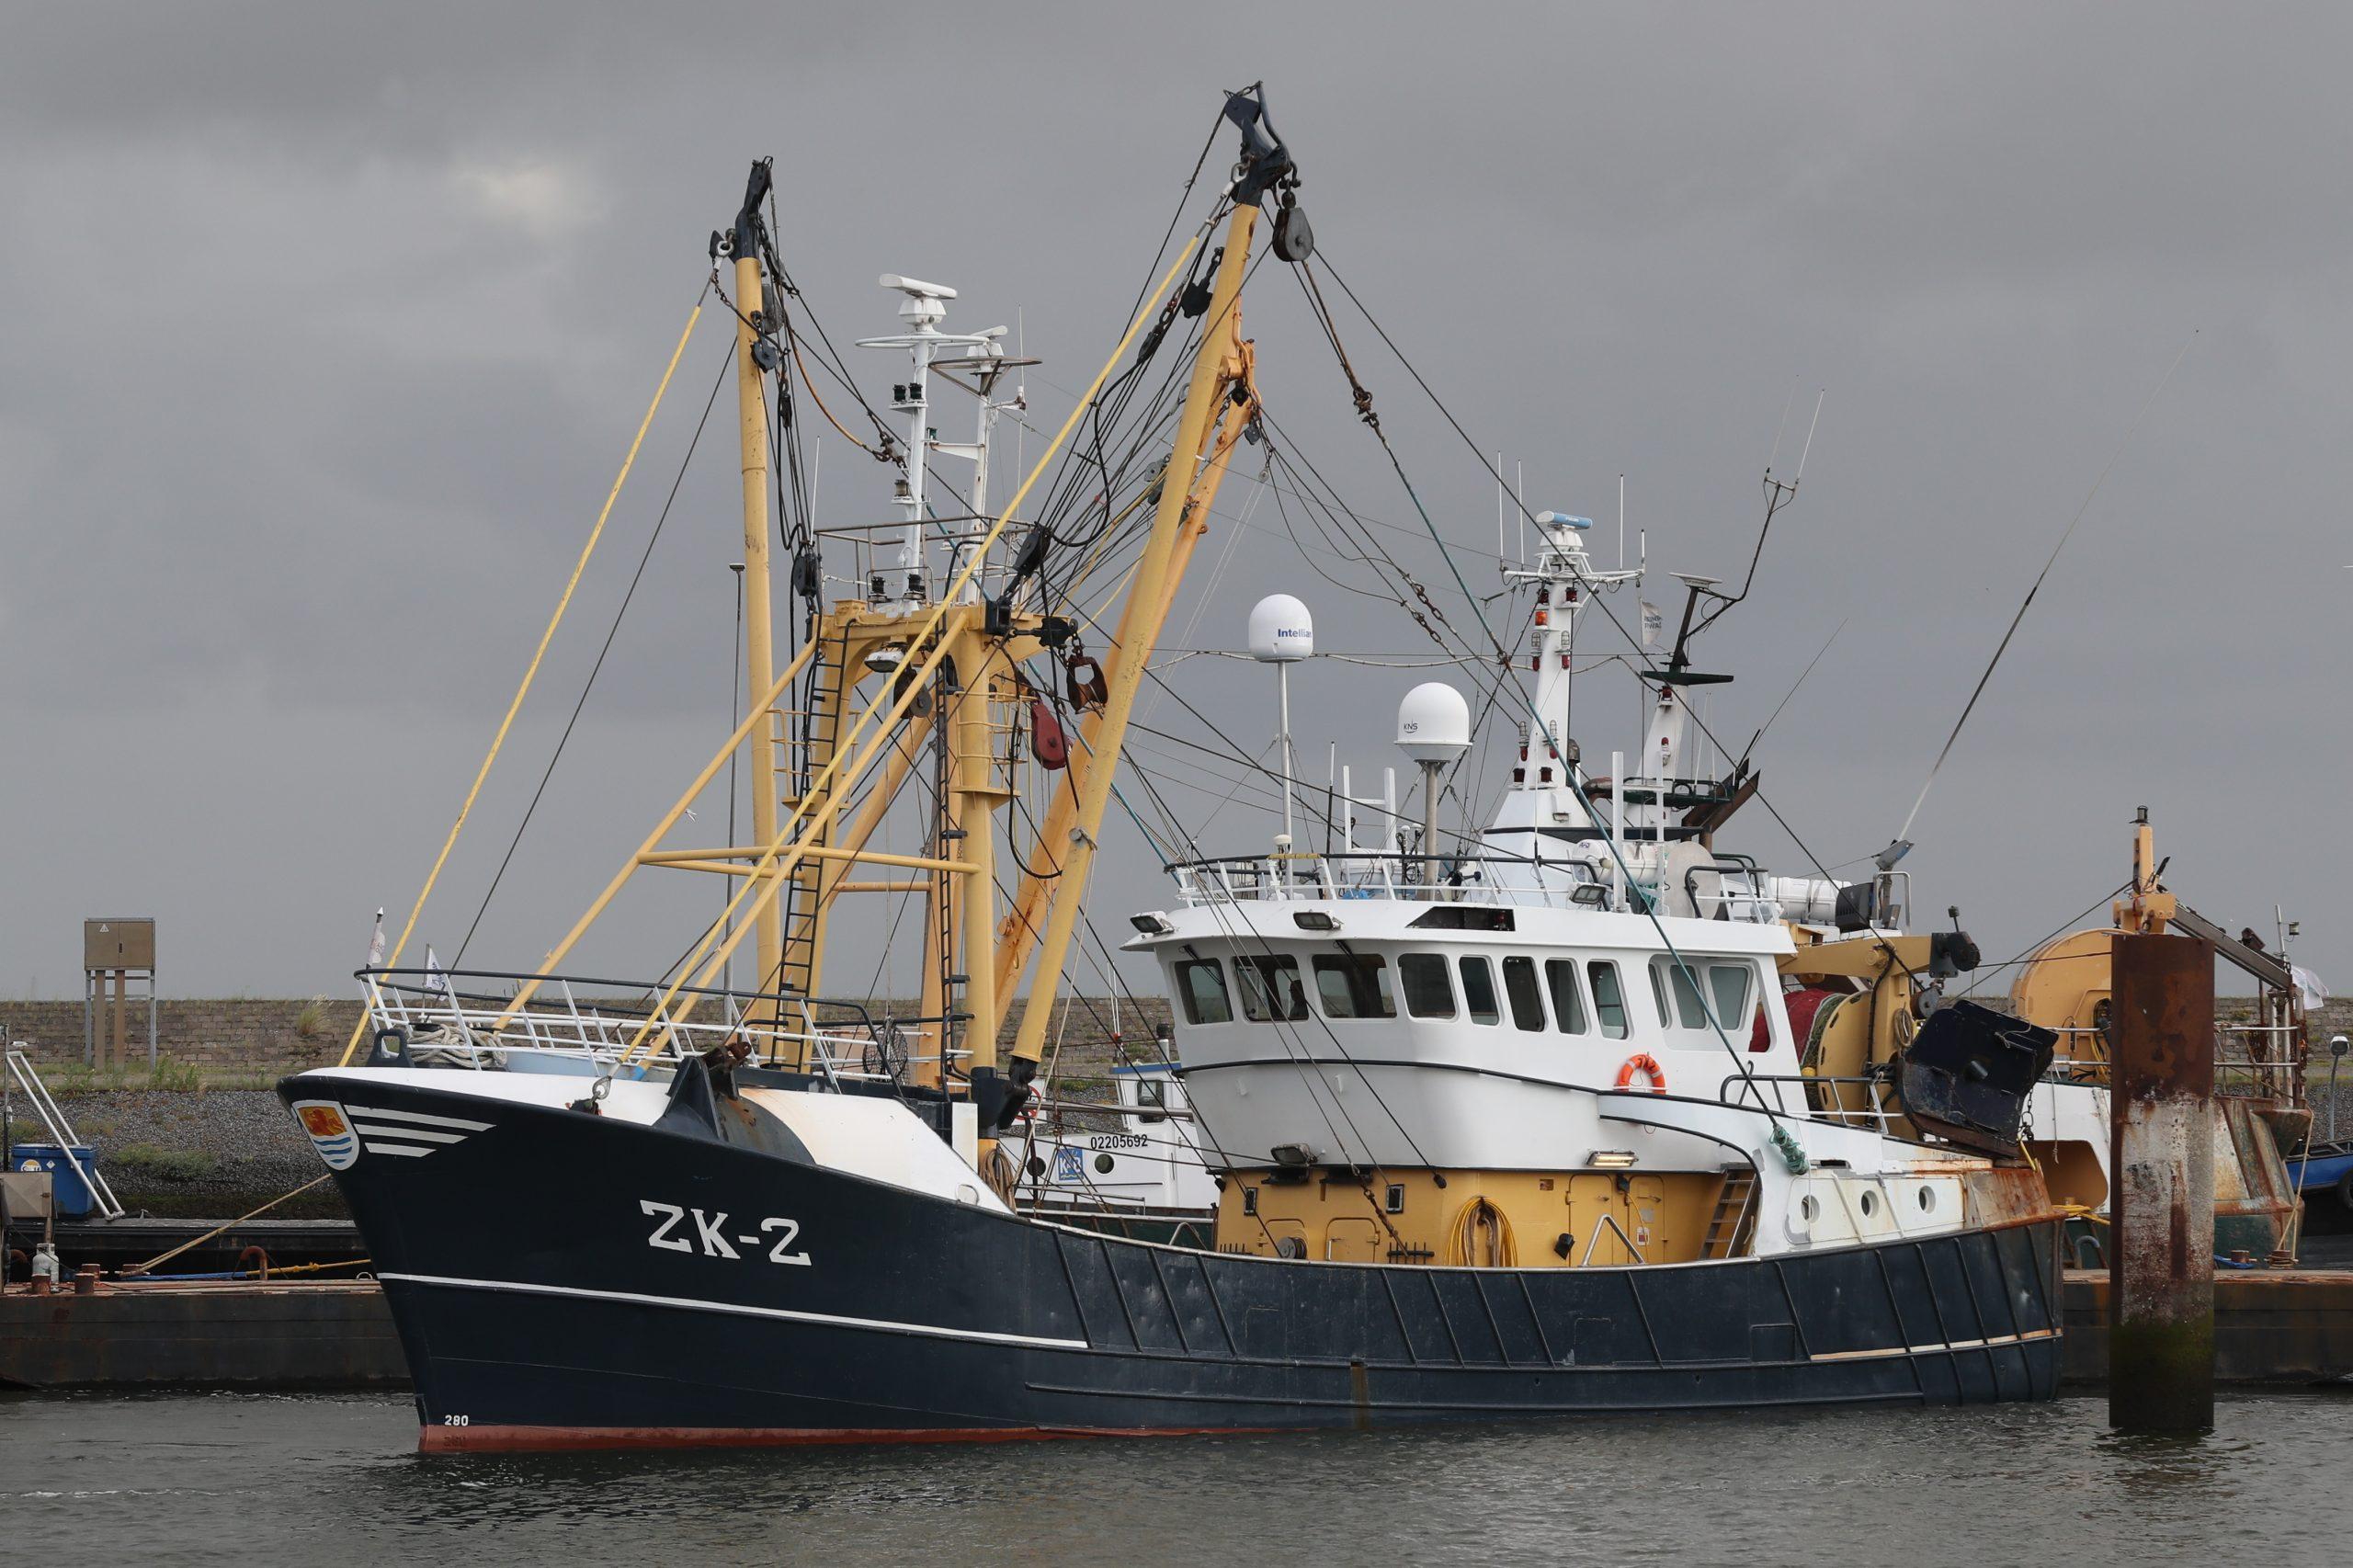 De Eurokotter ZK-2 in haar thuishaven Lauwersoog